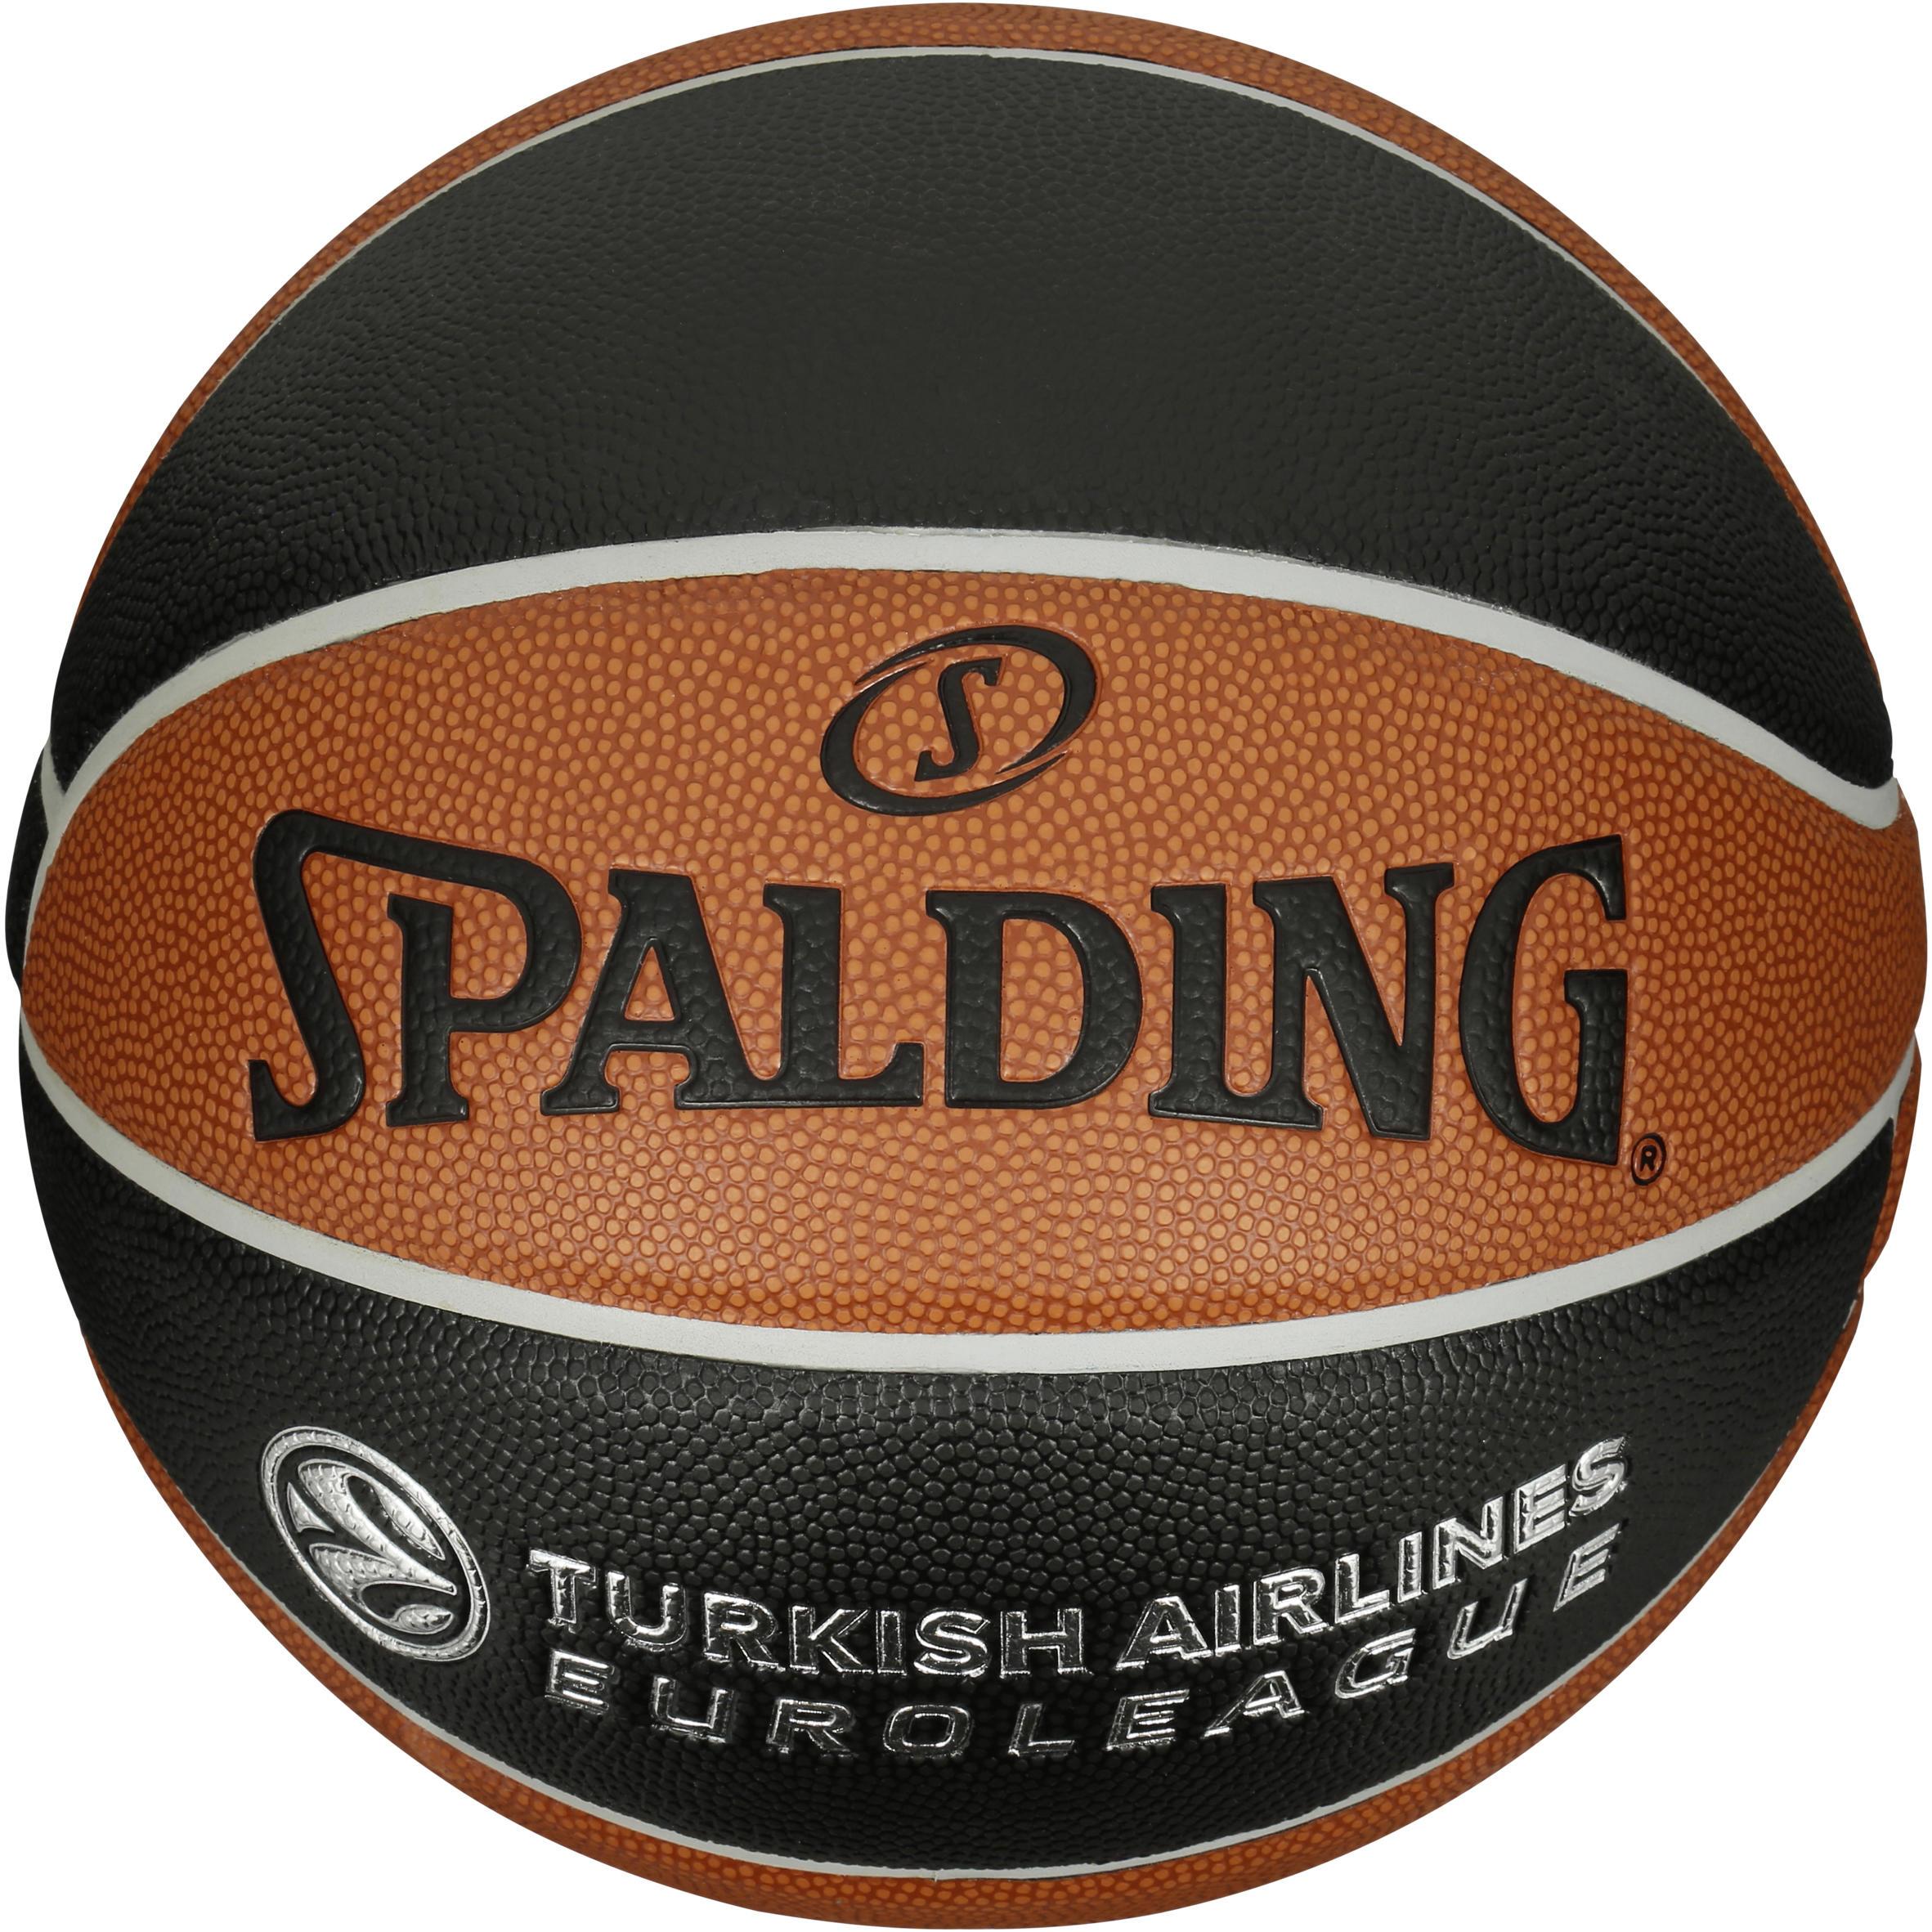 Balón de baloncesto TF 1000 EuroLeague talla 7 para adulto desde 13 años  Uhlsport  d45d6401050ab